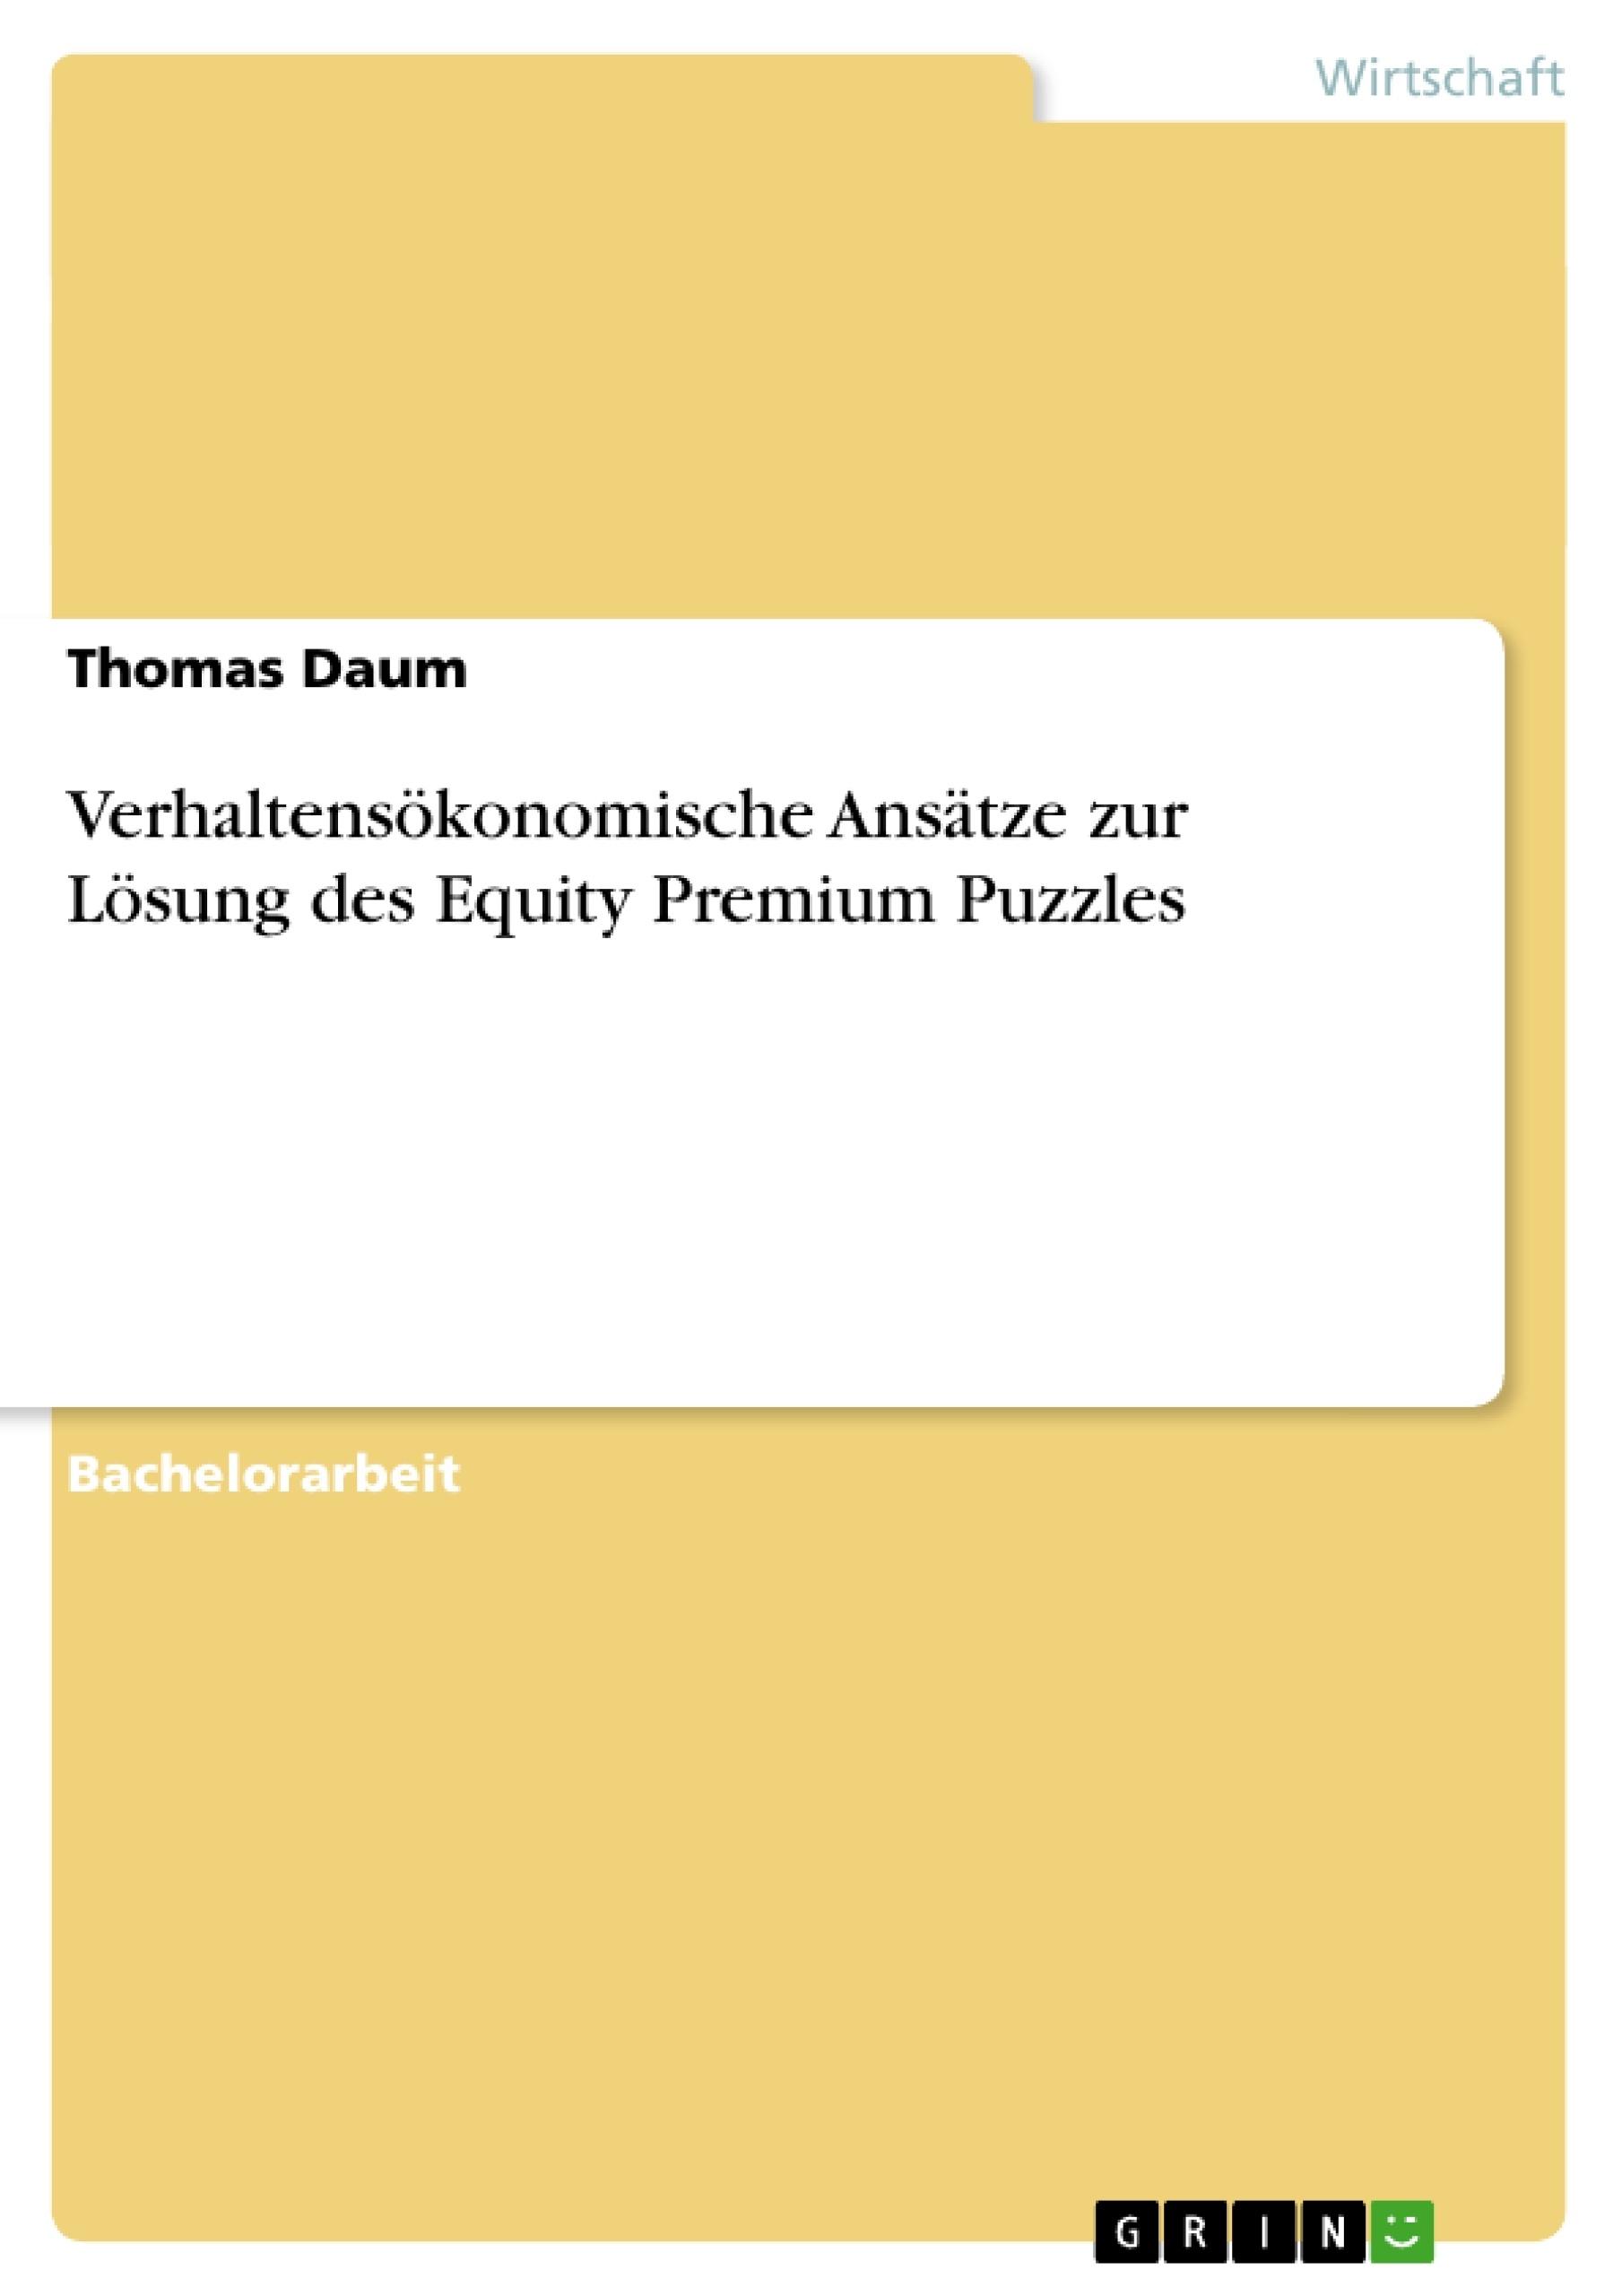 Titel: Verhaltensökonomische Ansätze zur Lösung des Equity Premium Puzzles